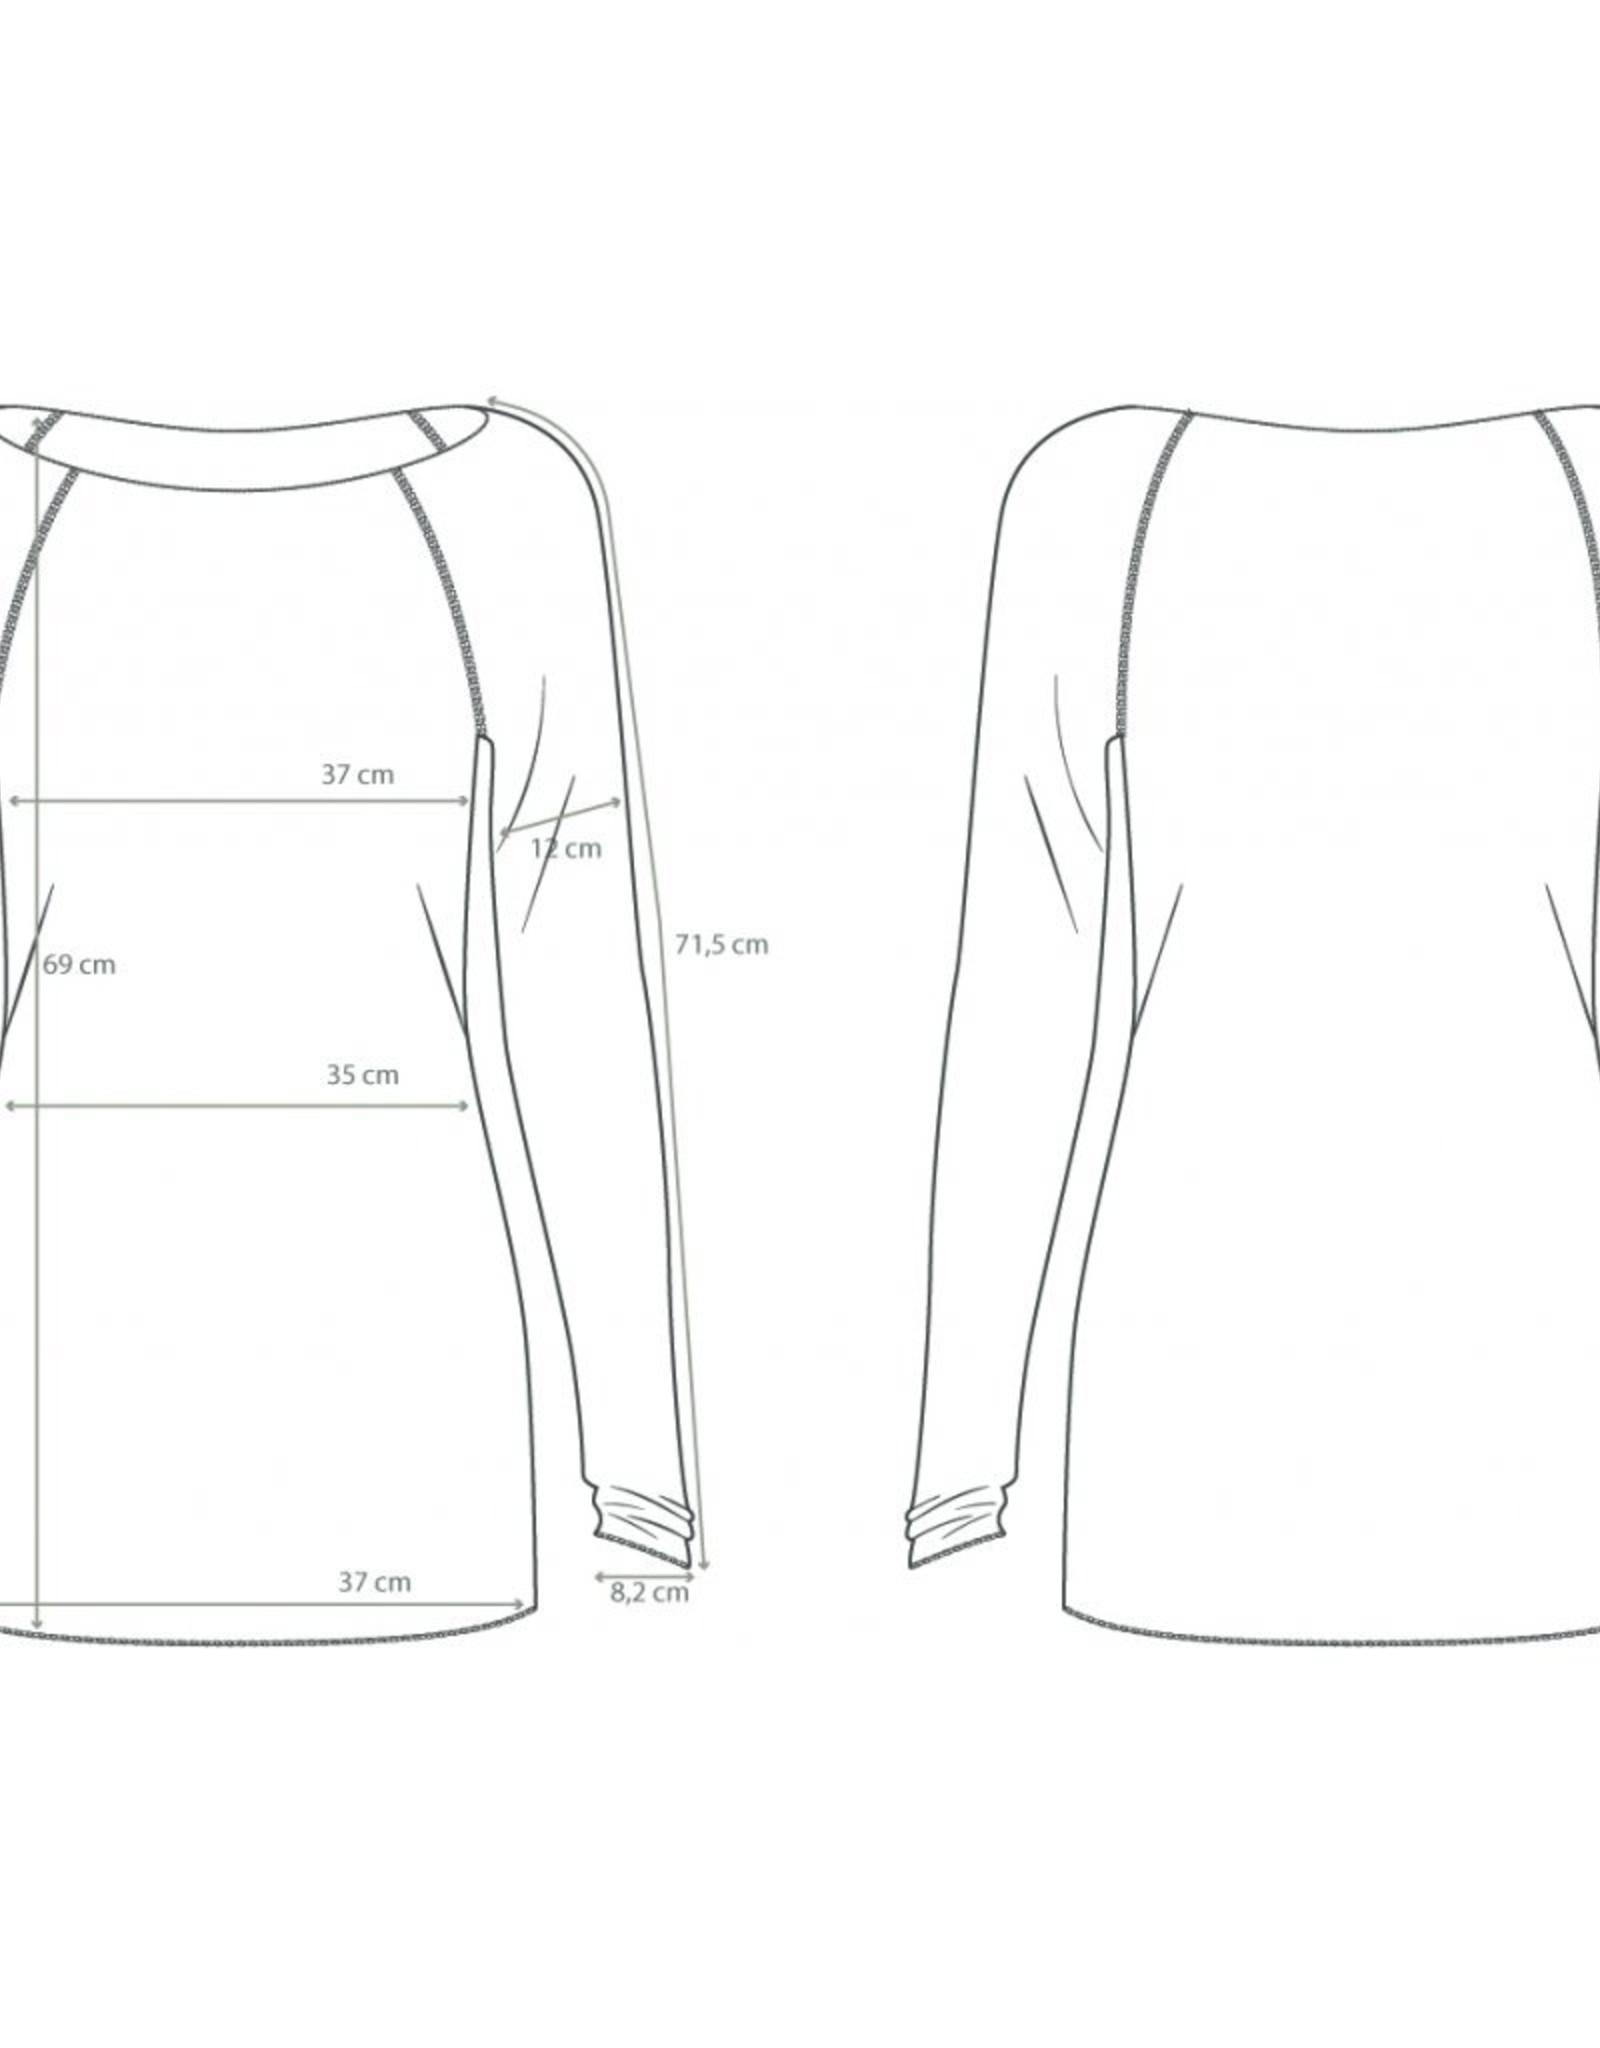 Gai&Lisva Amalie Shirt Wol/Viscose Hazy Brown